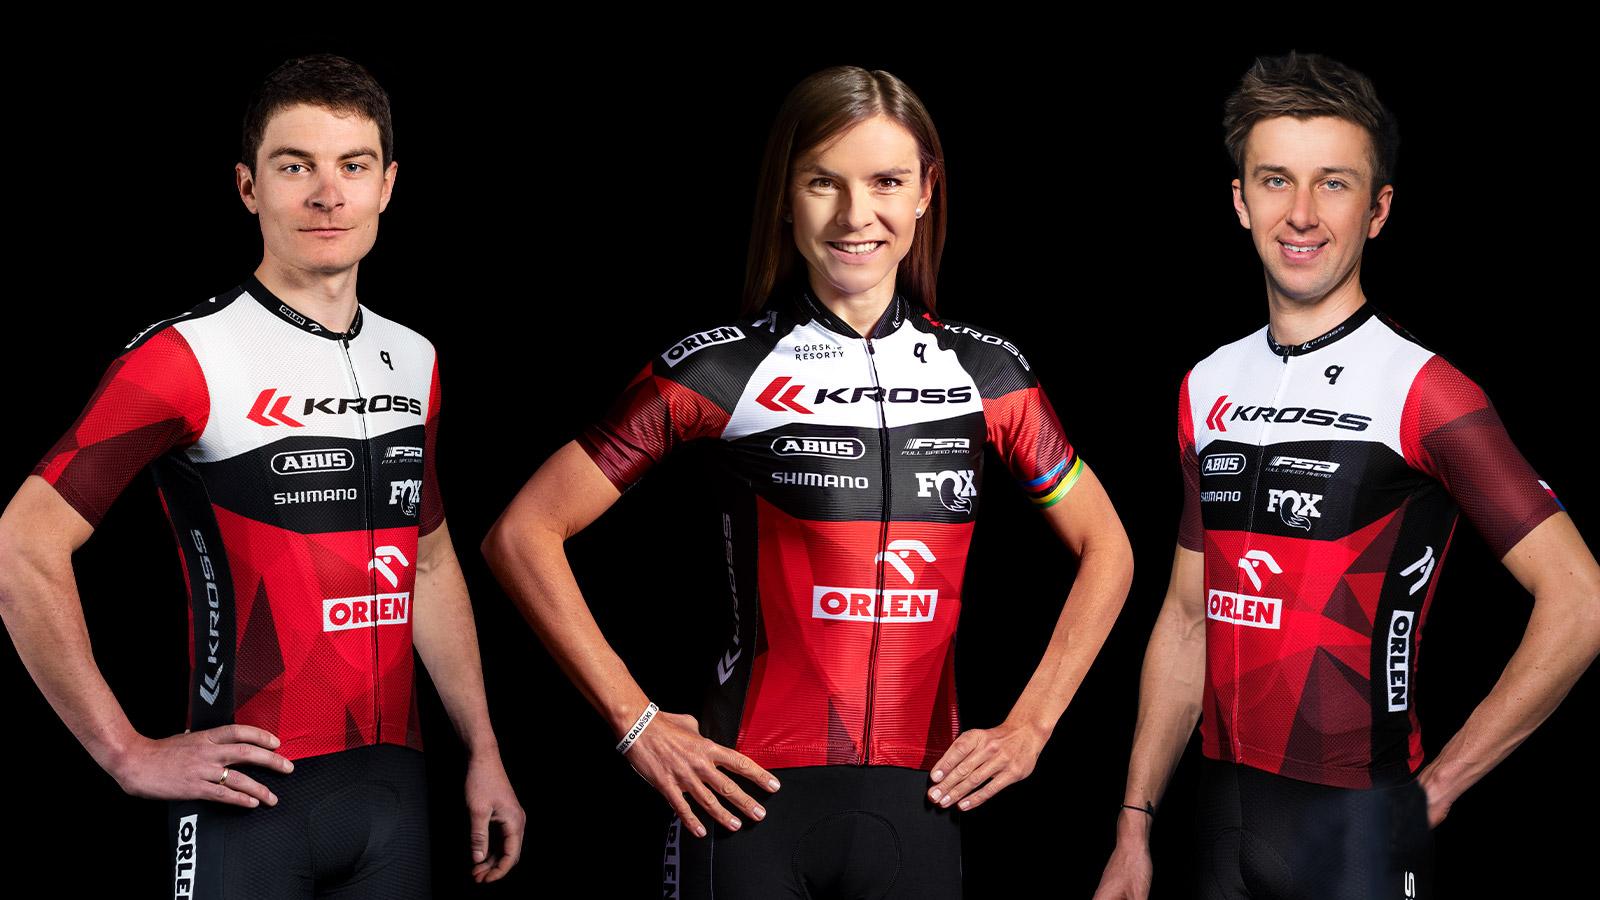 Cały zespół kolarski wspierany przez KROSS powołany na Igrzyska Olimpijskie